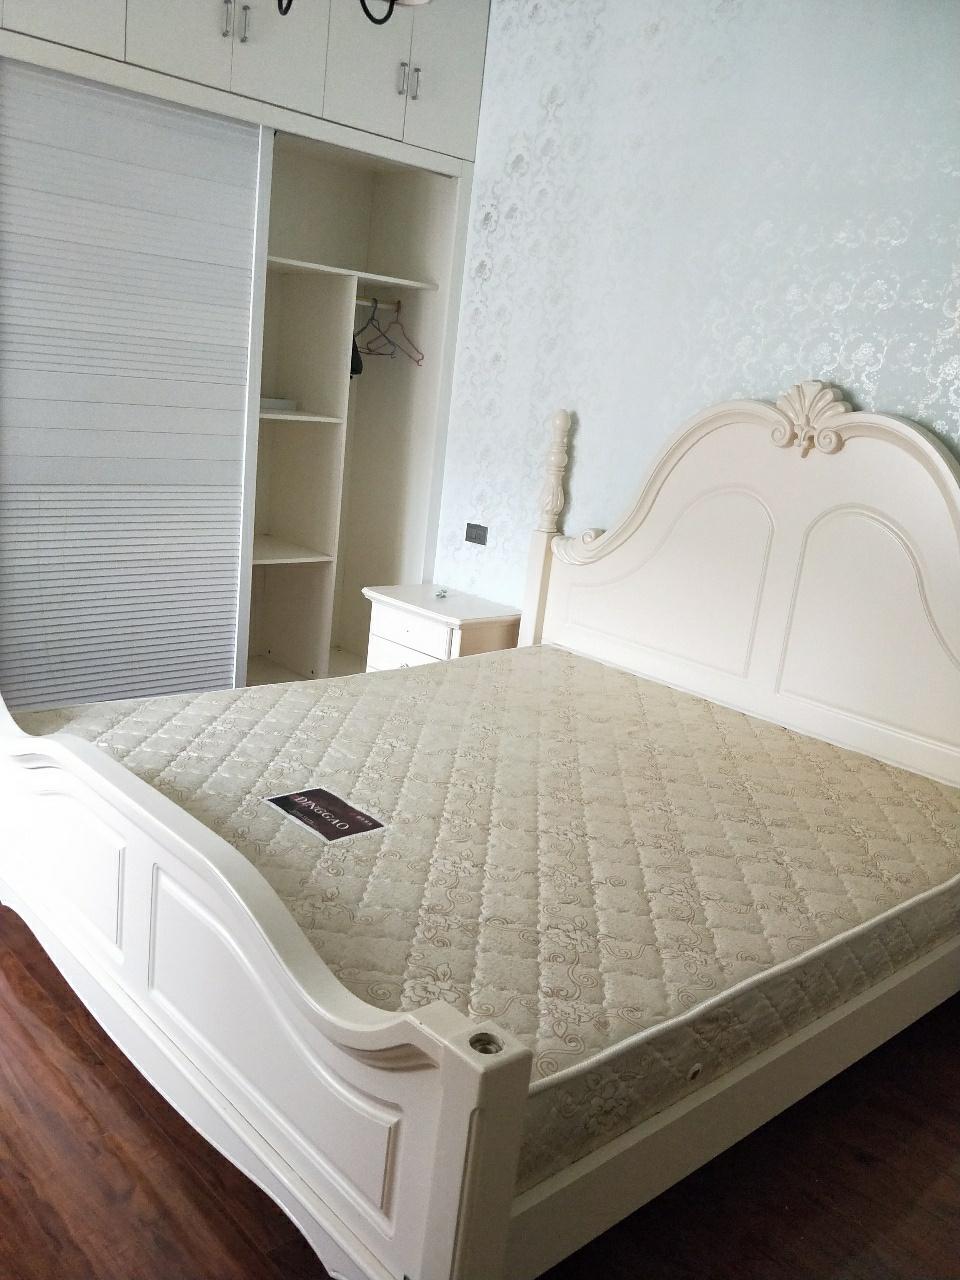 磐石·圣缇亚纳3室 2厅 2卫68.8万元